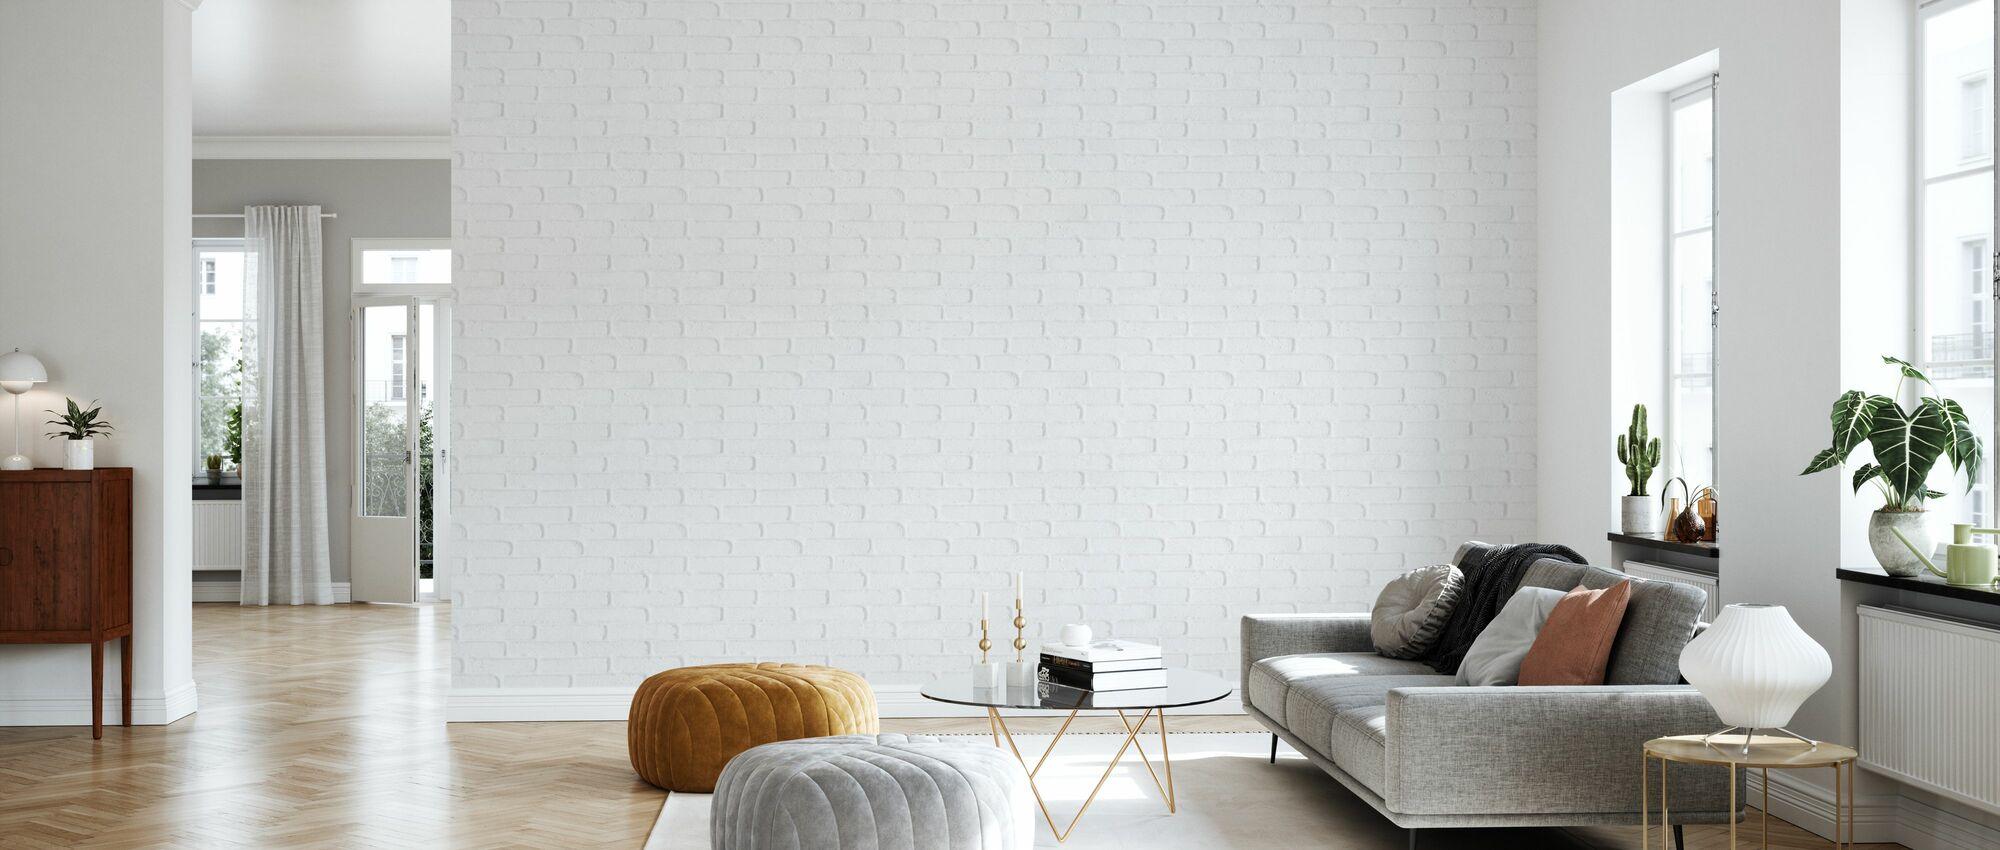 Weiche weiße Ziegelmauer - Tapete - Wohnzimmer